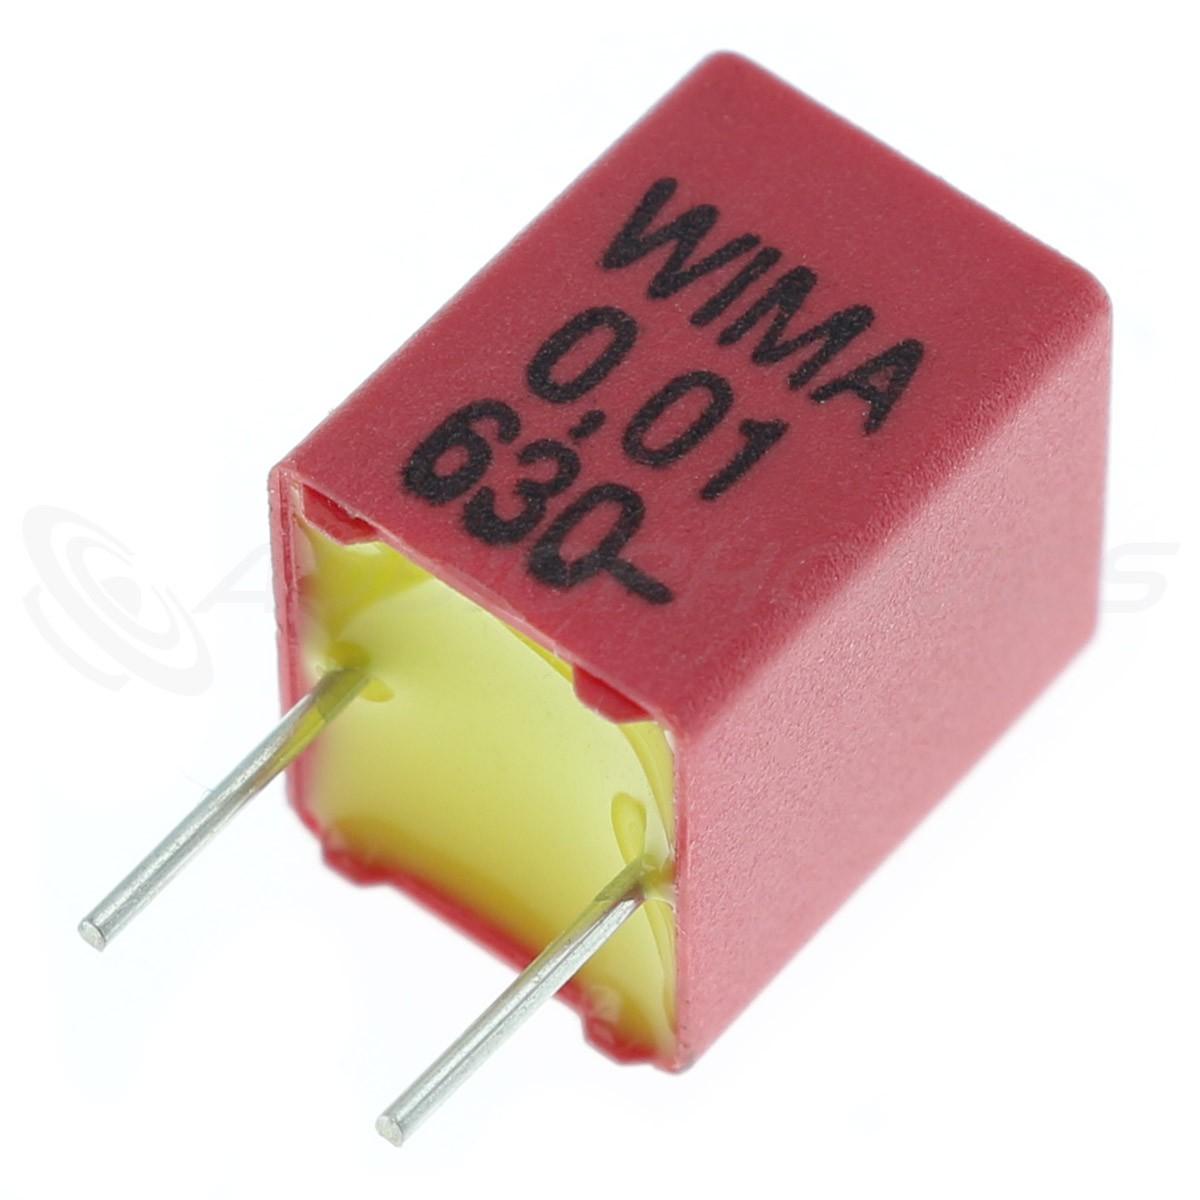 WIMA FKP-2 Condensateur Polypropylène 5mm 1000V 0.0001µF